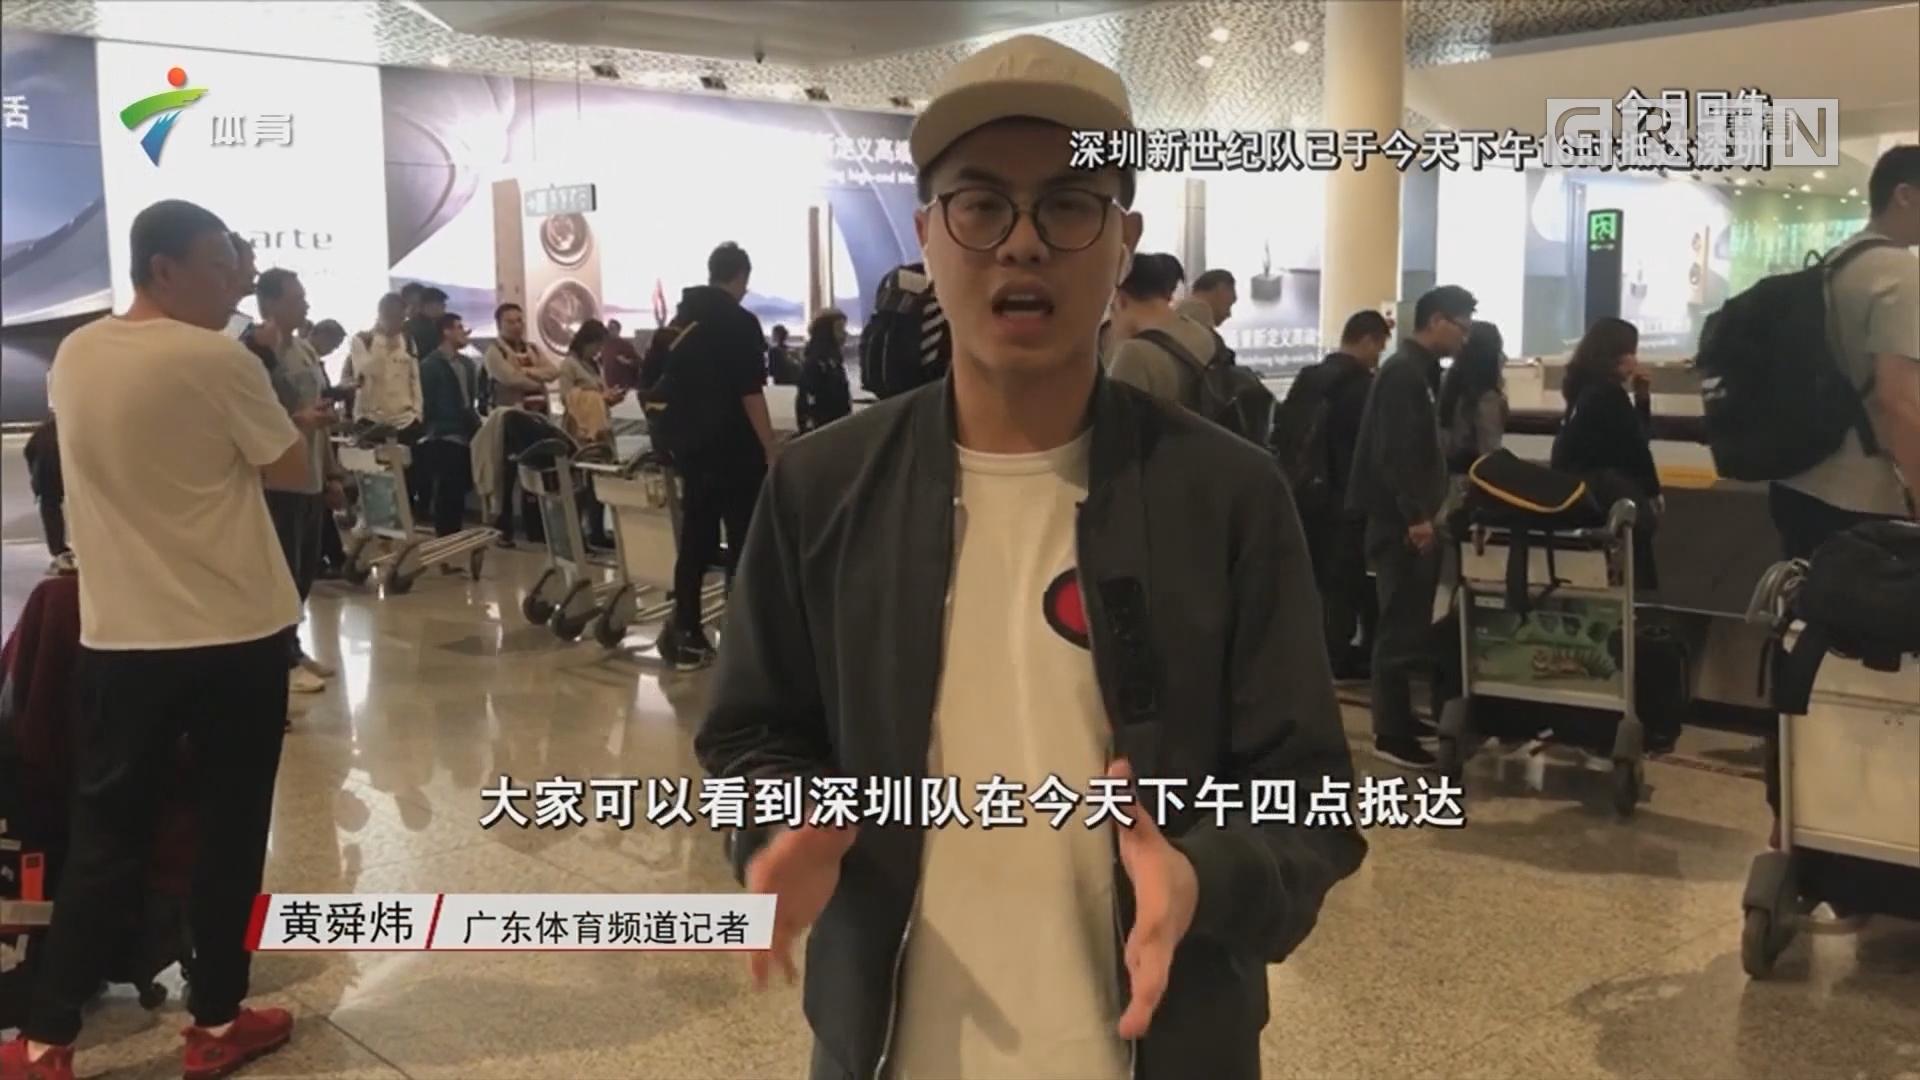 深圳新世纪队已于今天下午16时抵达深圳